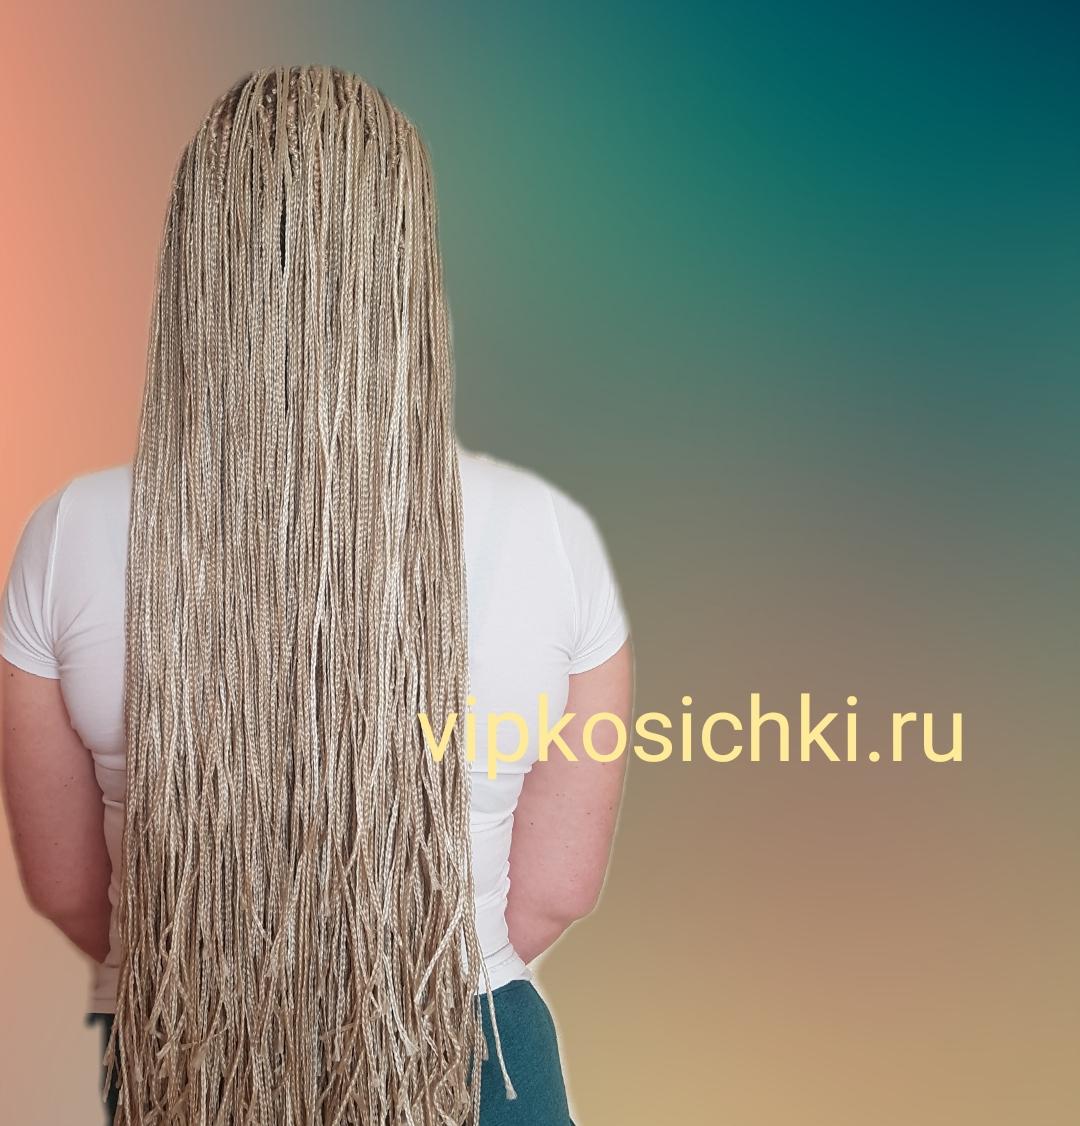 20200213_185933.jpg